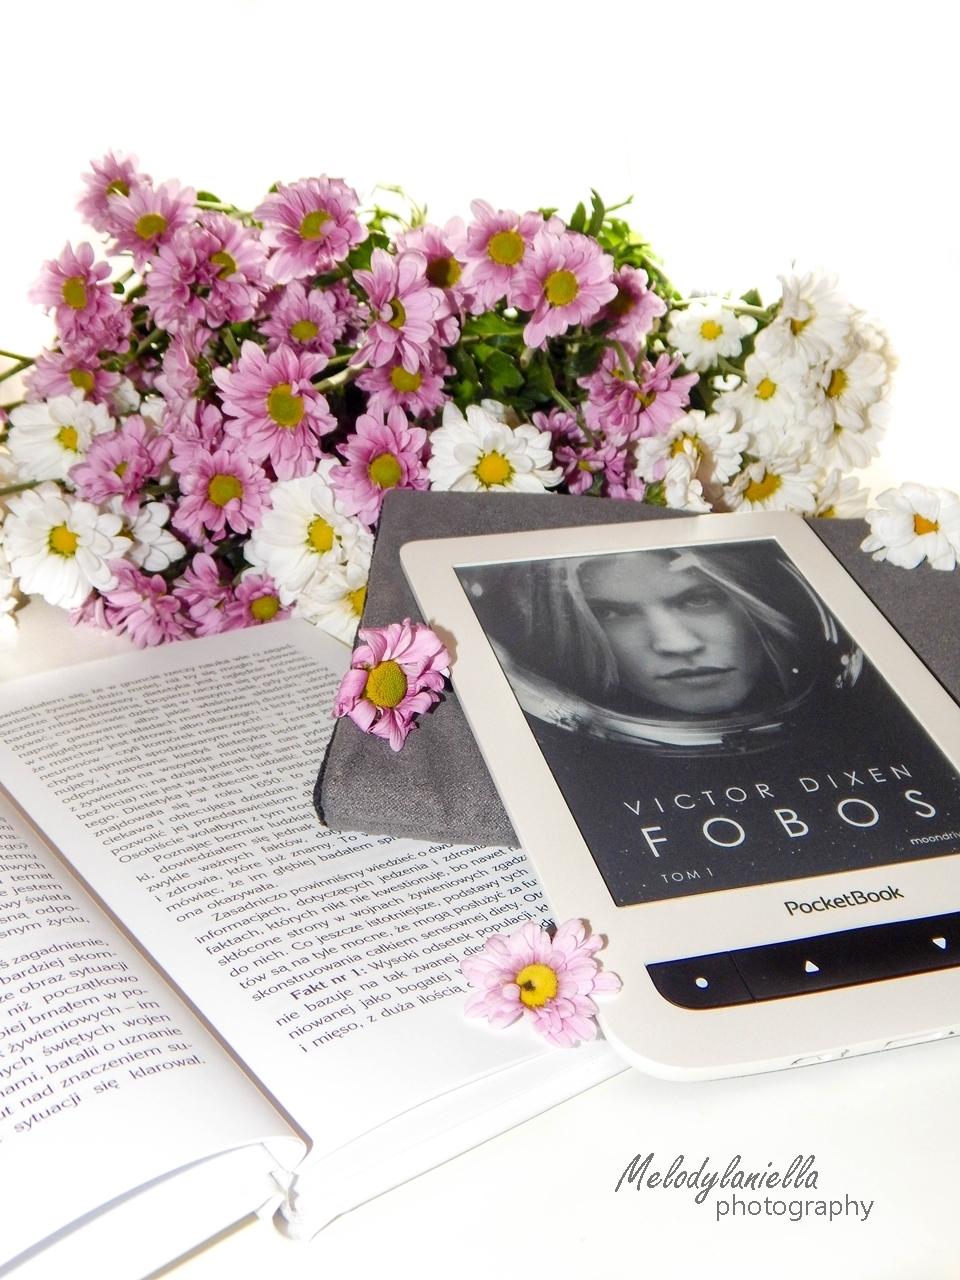 fobos czytnik ksiazka kawiaty melodylaniella wydawnictwo otwarte recenzja pocket book okladka czytniki